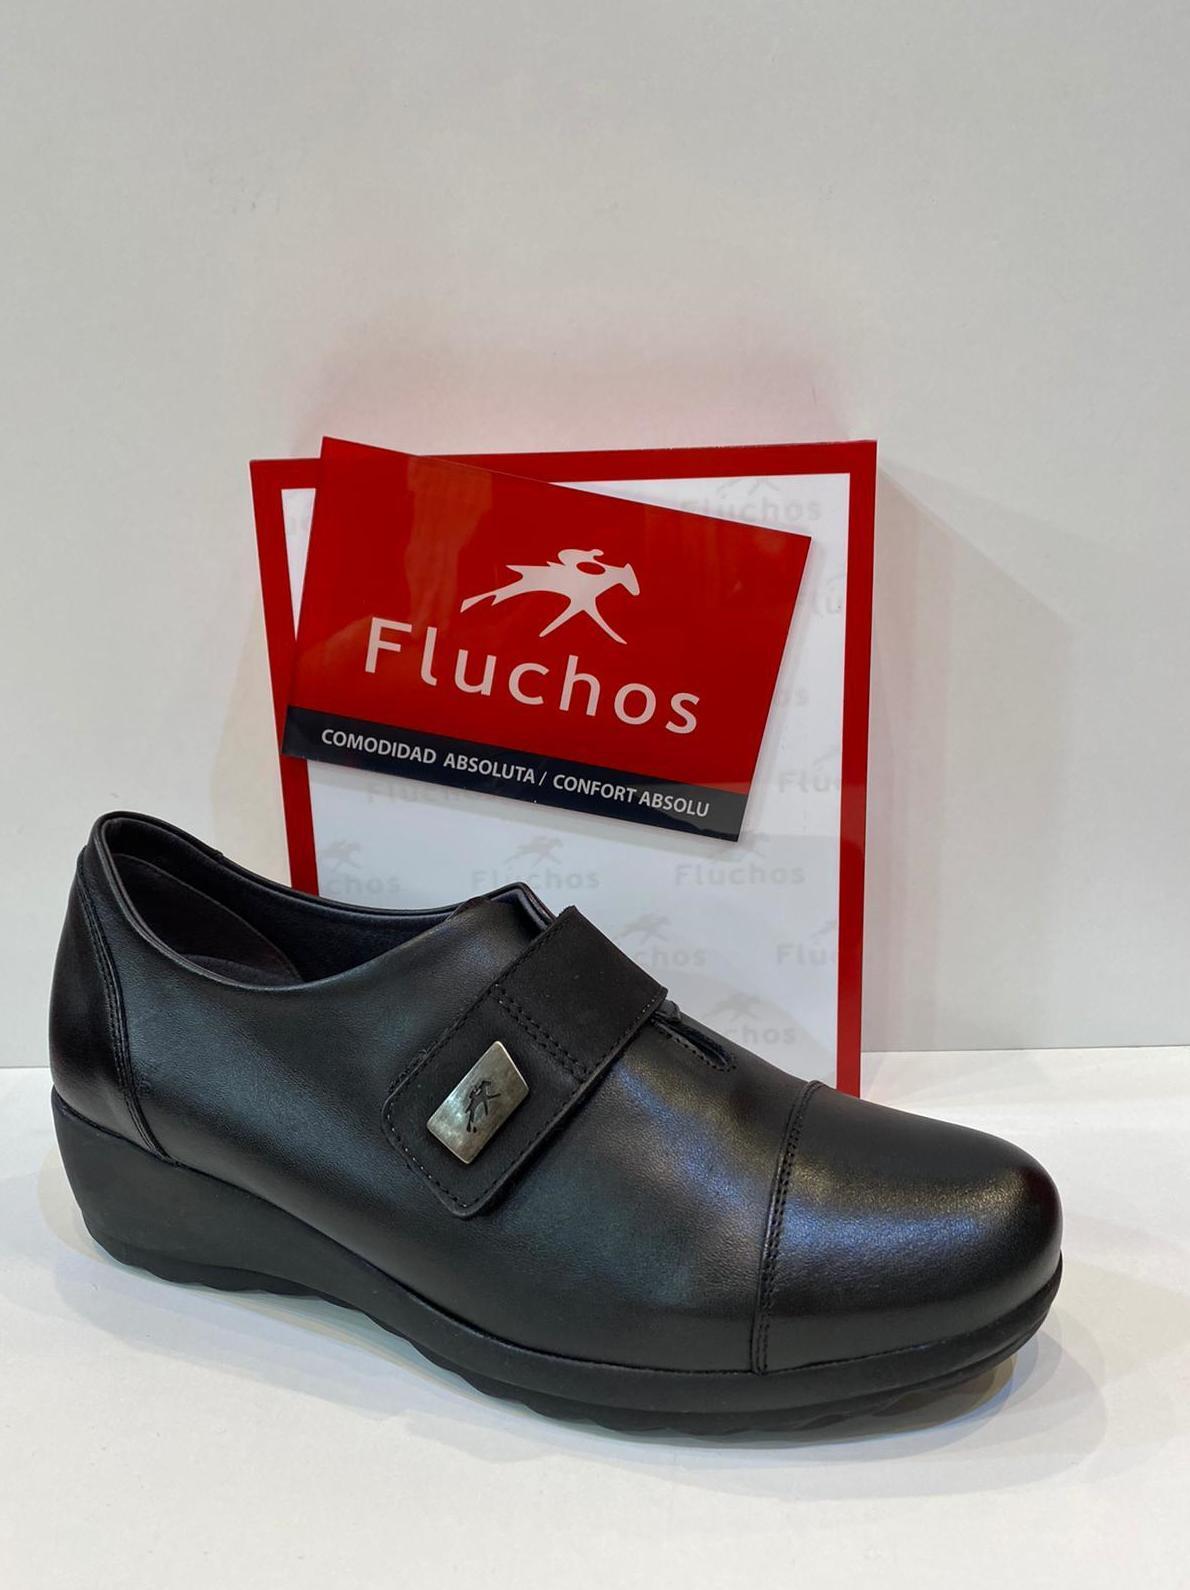 Blucher de dona, de la marca Fluchos, ample especial, plantilla de viscoelàstica, adaptable a plantilles ortopèdiques sola de làtex amb càmera d'aire 79.90€